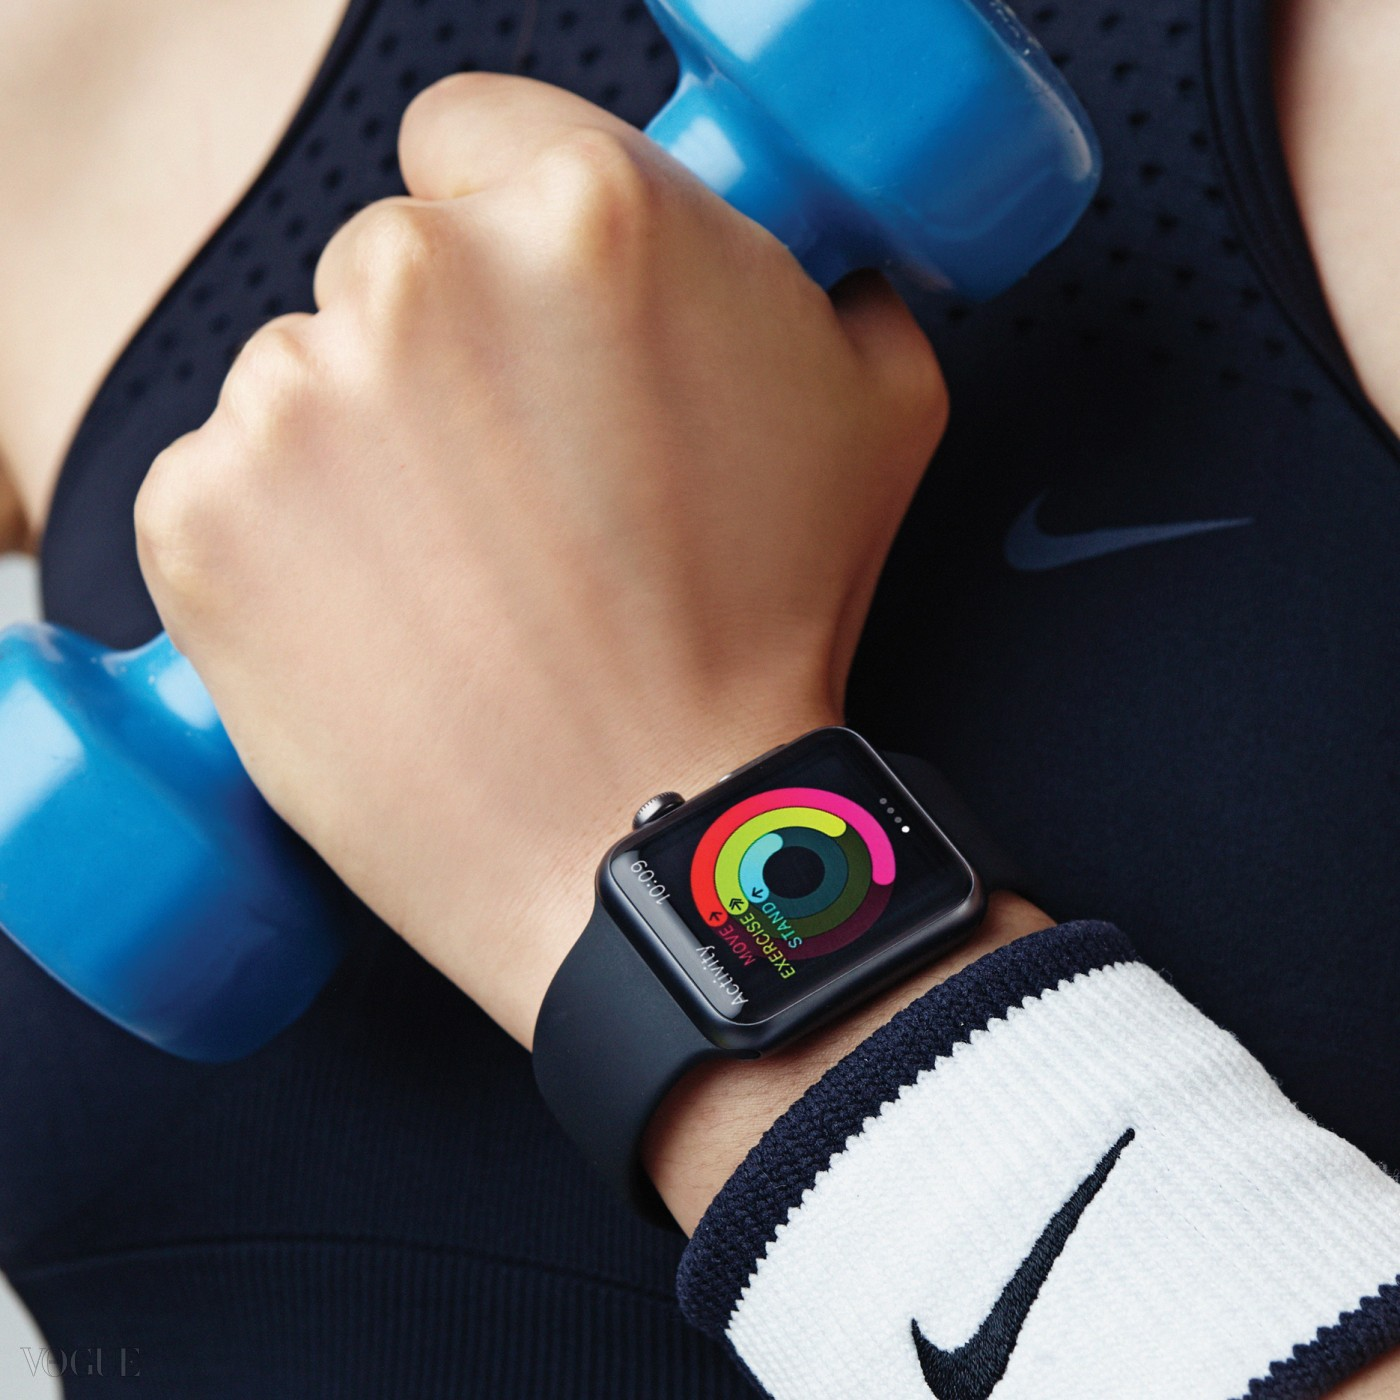 브라톱, 손목 보호대는 나이키(Nike), 레깅스는 아디다스(Adidas). 애플 워치는 스페이스 그레이 알루미늄 케이스의 블랙 스포츠 밴드.